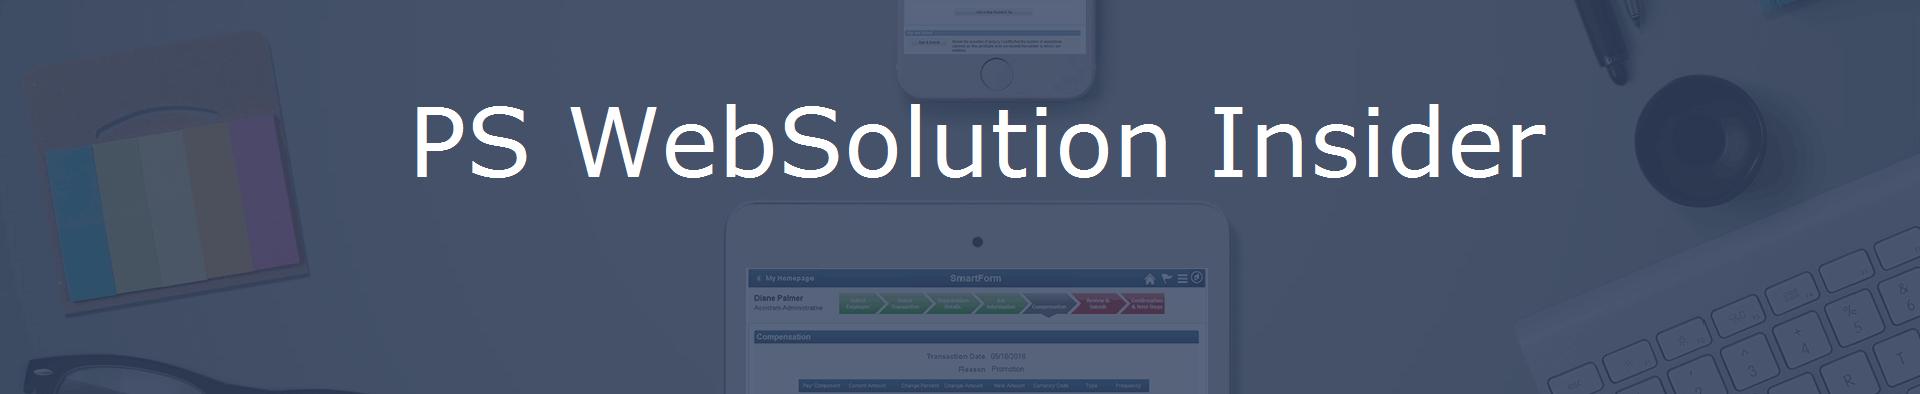 PS WebSolution Insider